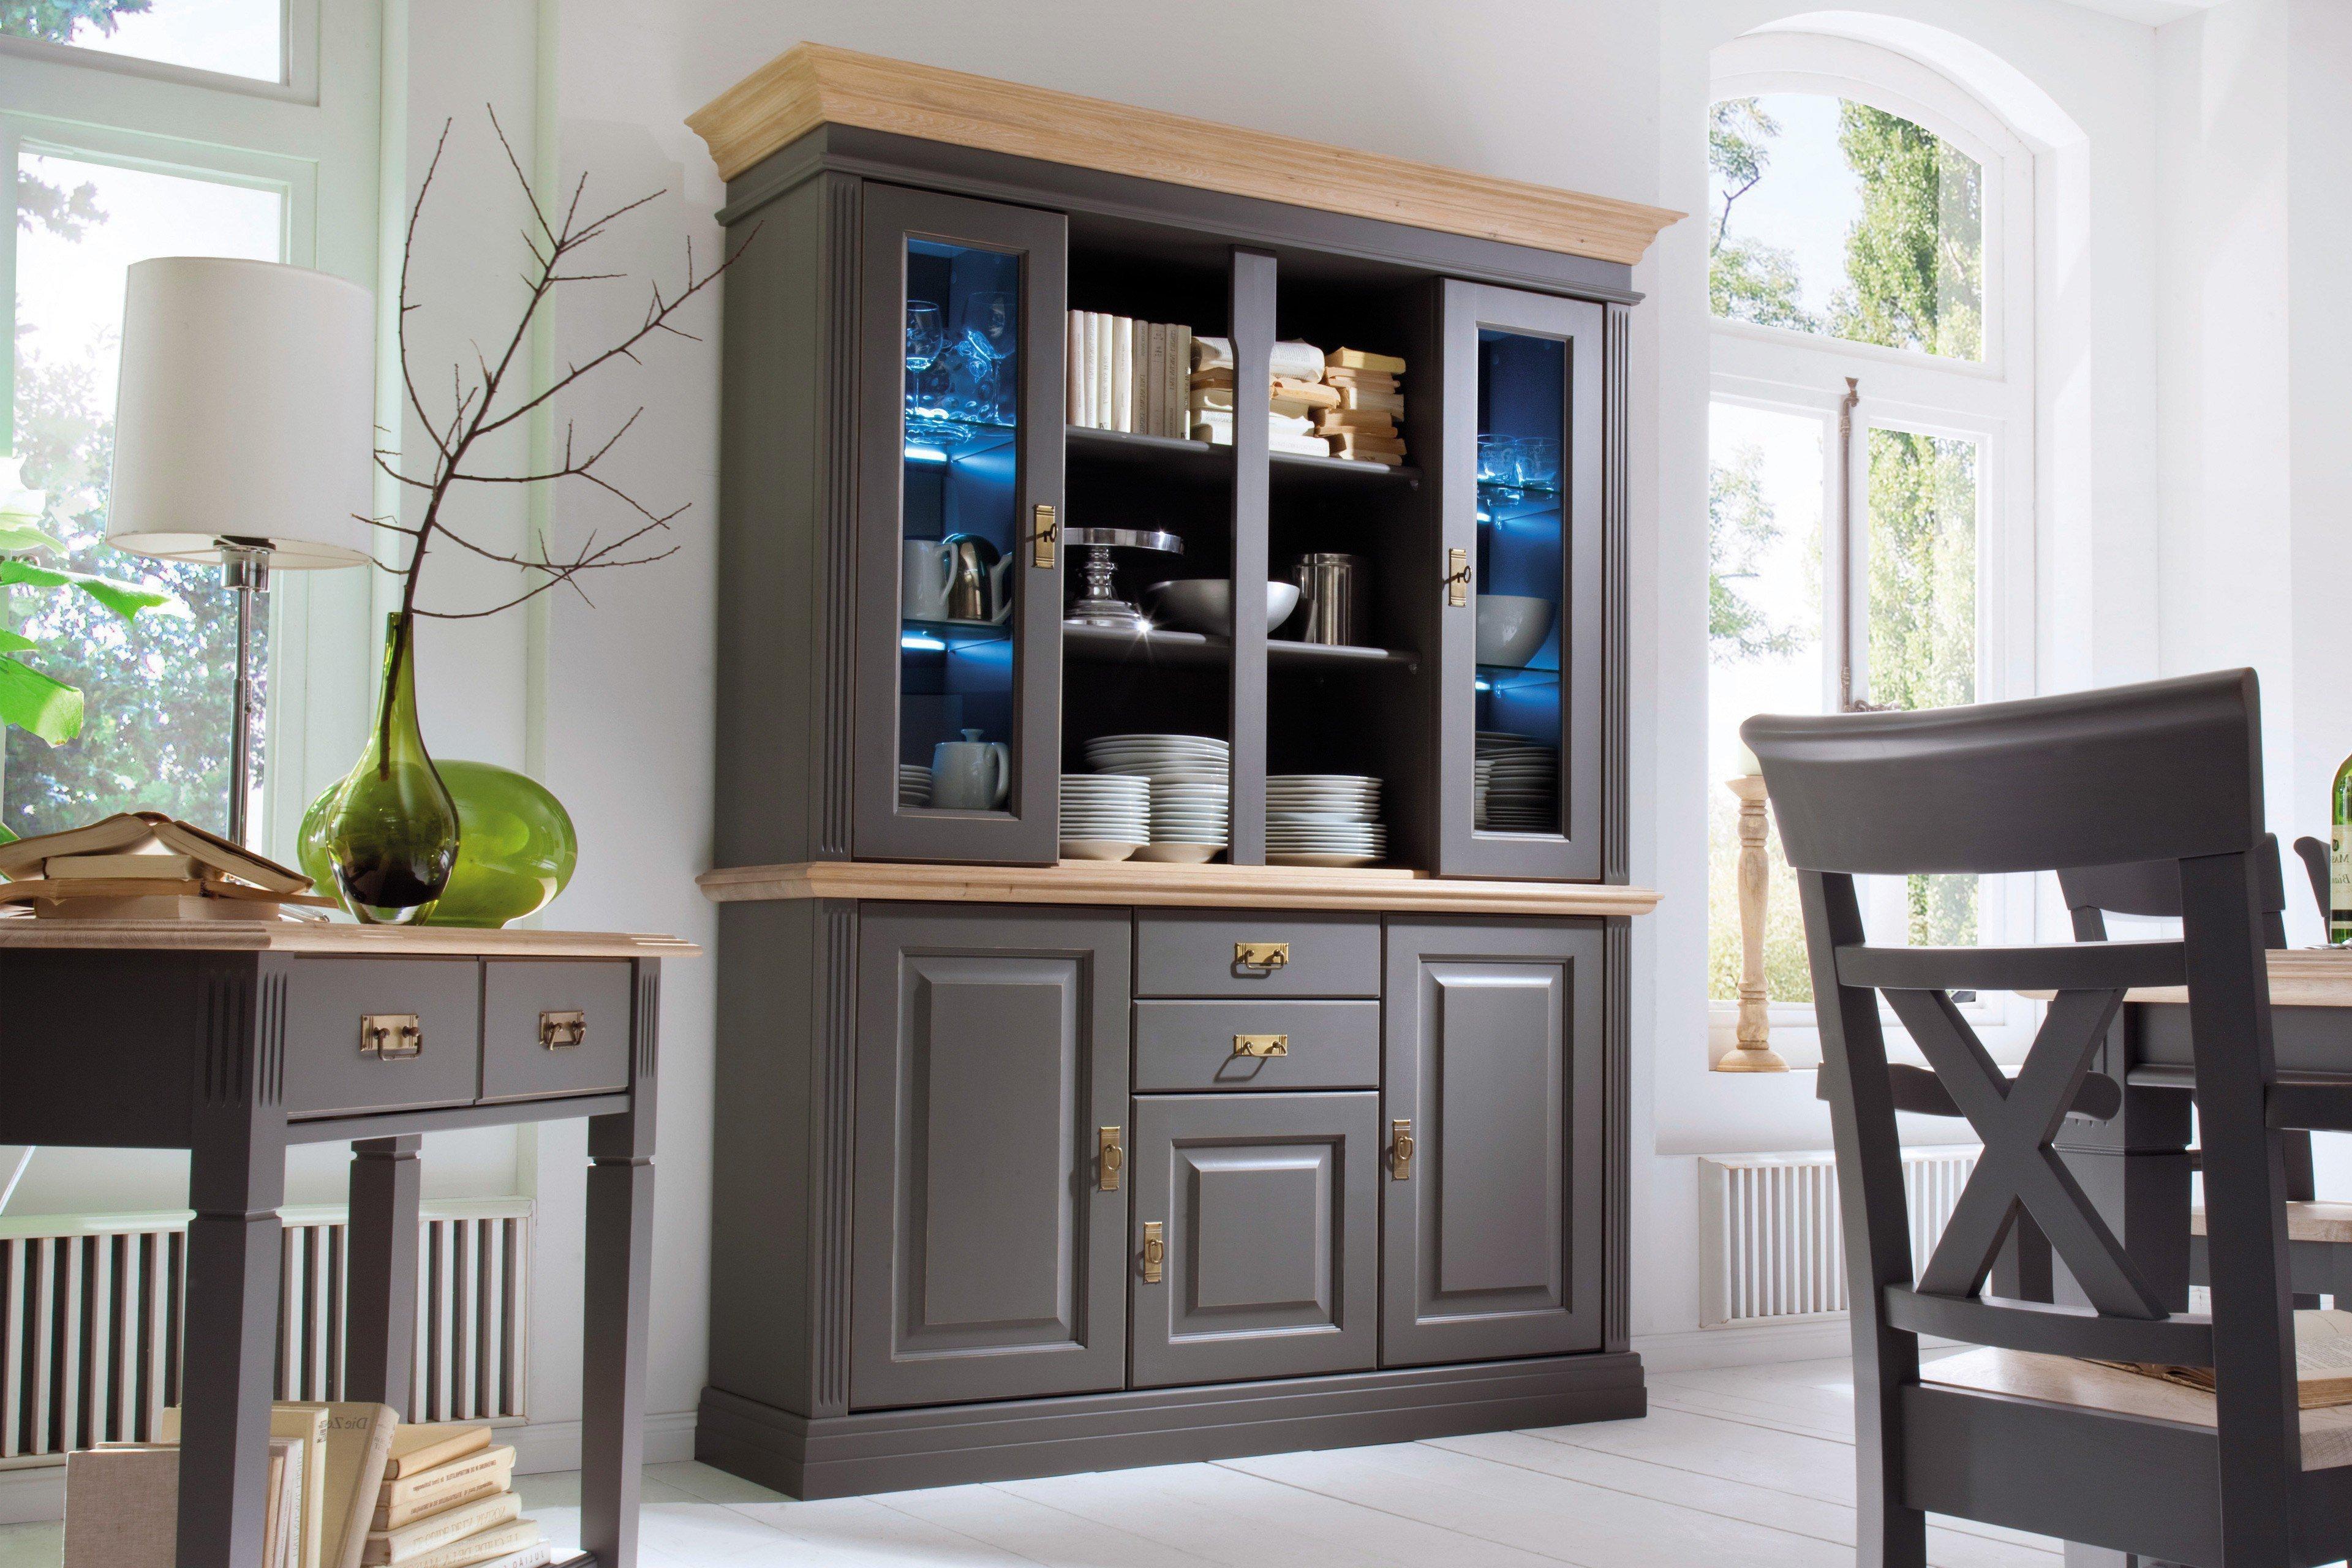 gomab mbel top moderne vintage mbel mit dem charme von gestern with gomab mbel best gomab mbel. Black Bedroom Furniture Sets. Home Design Ideas